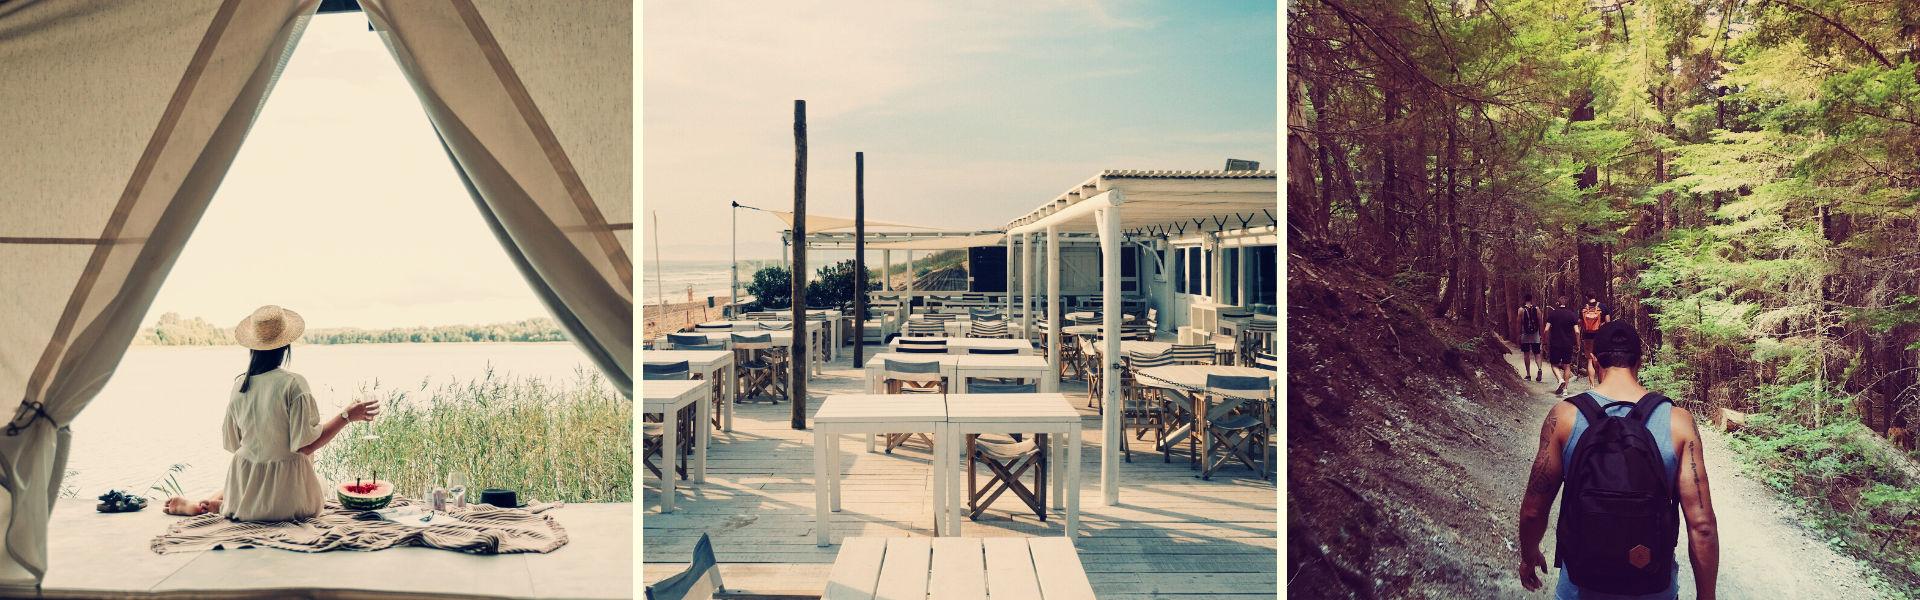 deconfinement camping plage restaurant randonnee